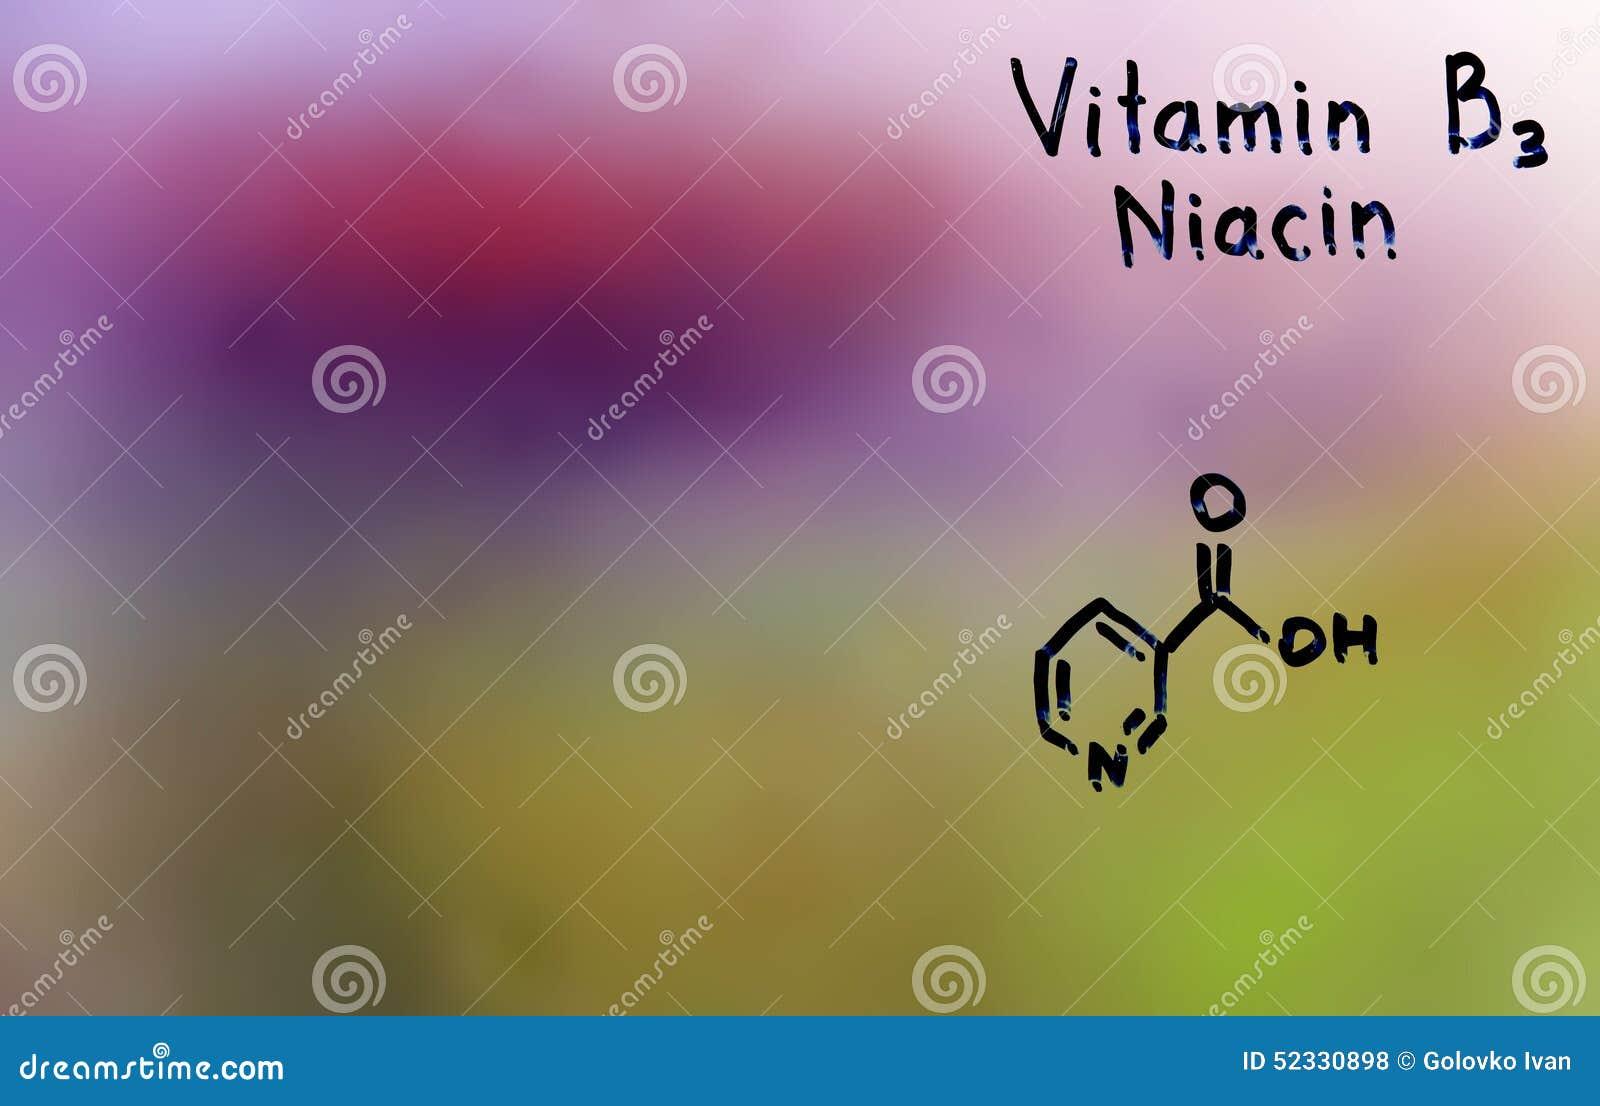 Βιταμίνη C, τύπος, βιταμίνες